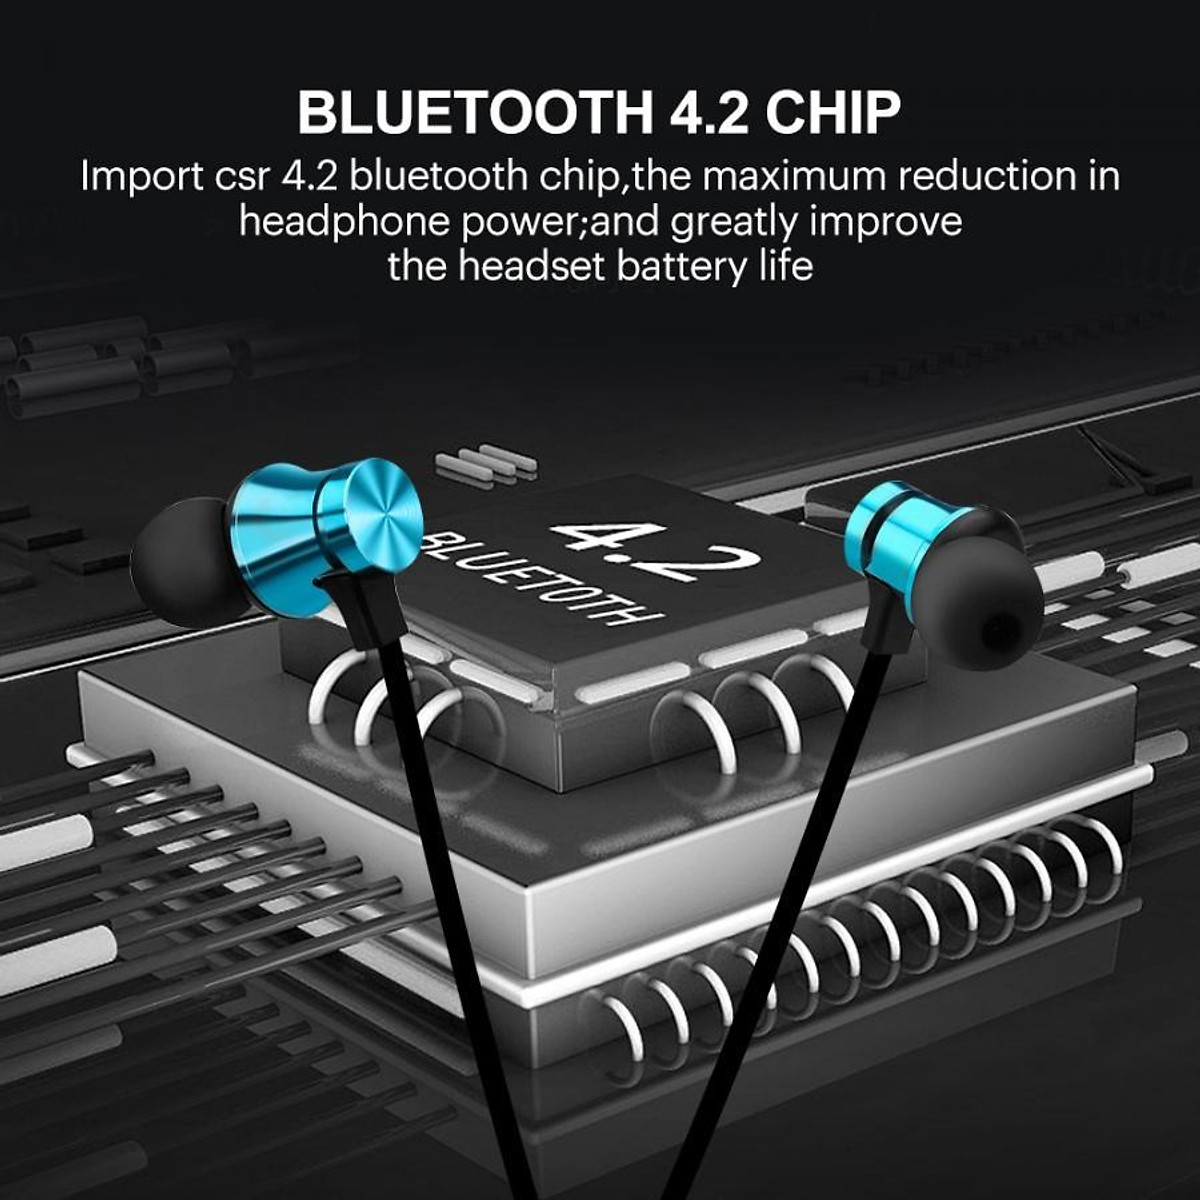 Tai Nghe Bluetooth Nhét Tai Có Dây XT-11 + Tặng Hộp Quẹt Bật Lửa Bay Sử Dụng Gas Đá Cao Cấp (Màu Ngẫu Nhiên)